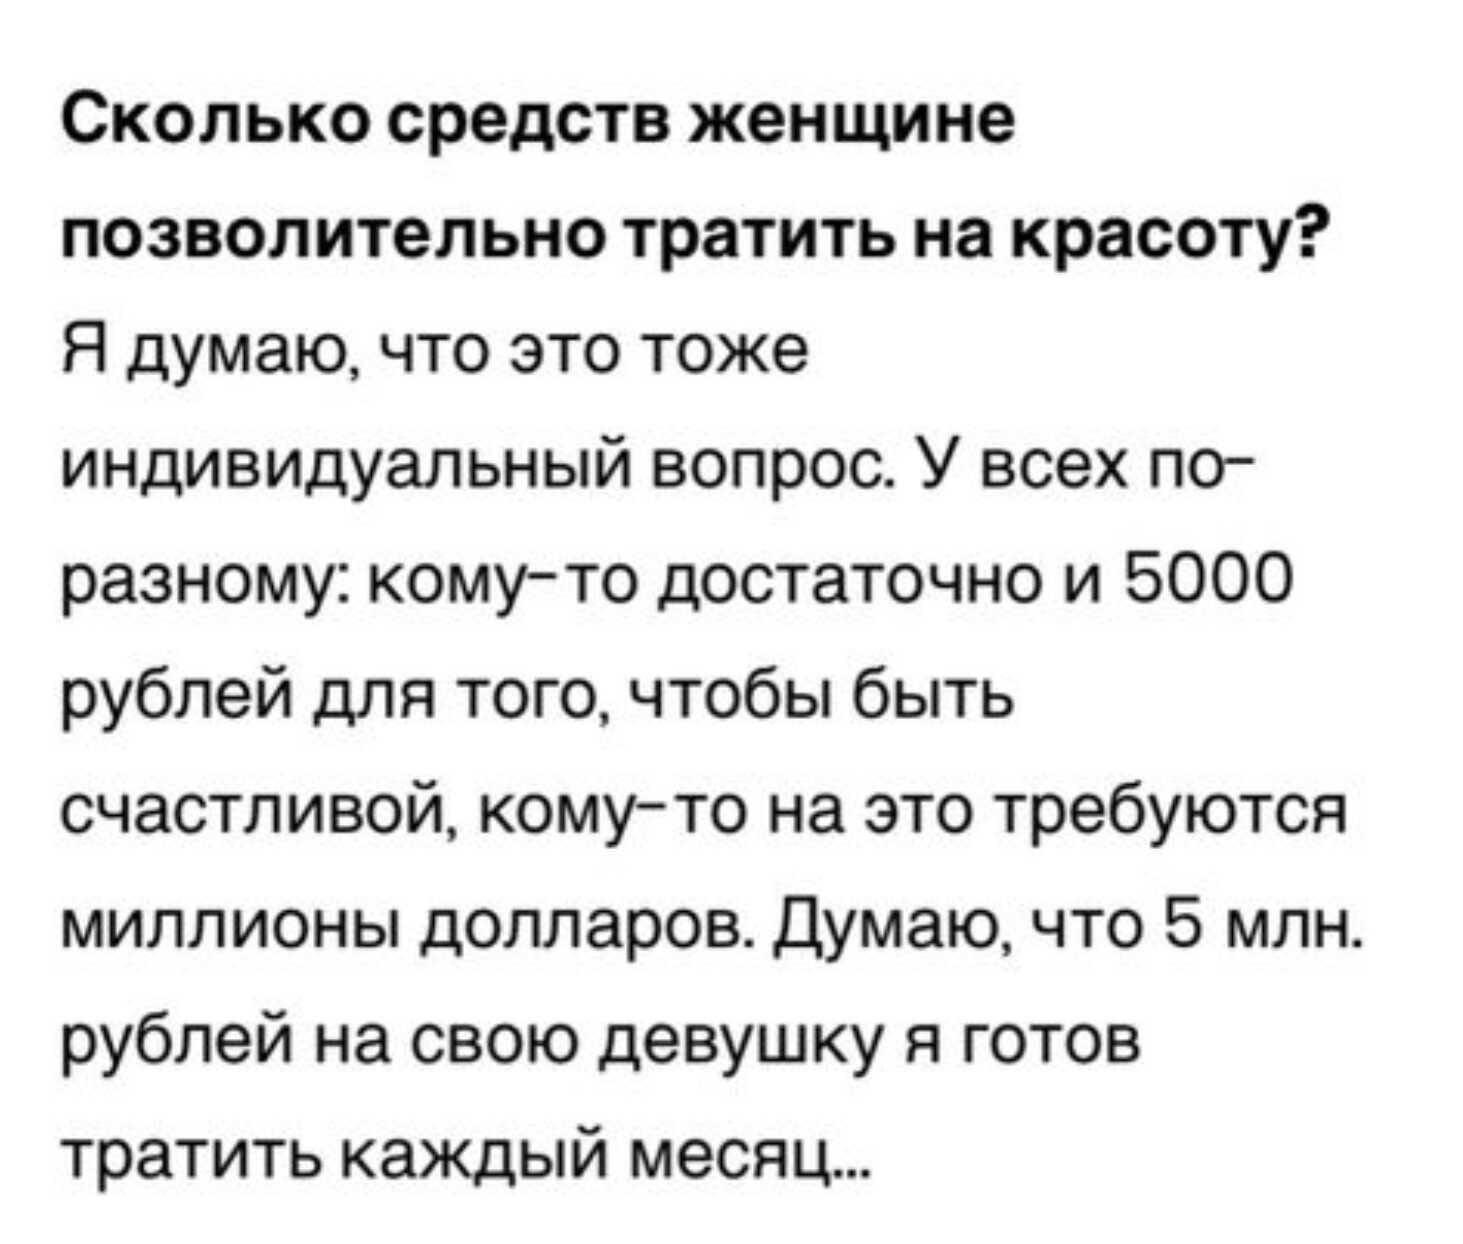 Давид Манукян признался, сколько денег готов тратить на свою девушку ежемесячно